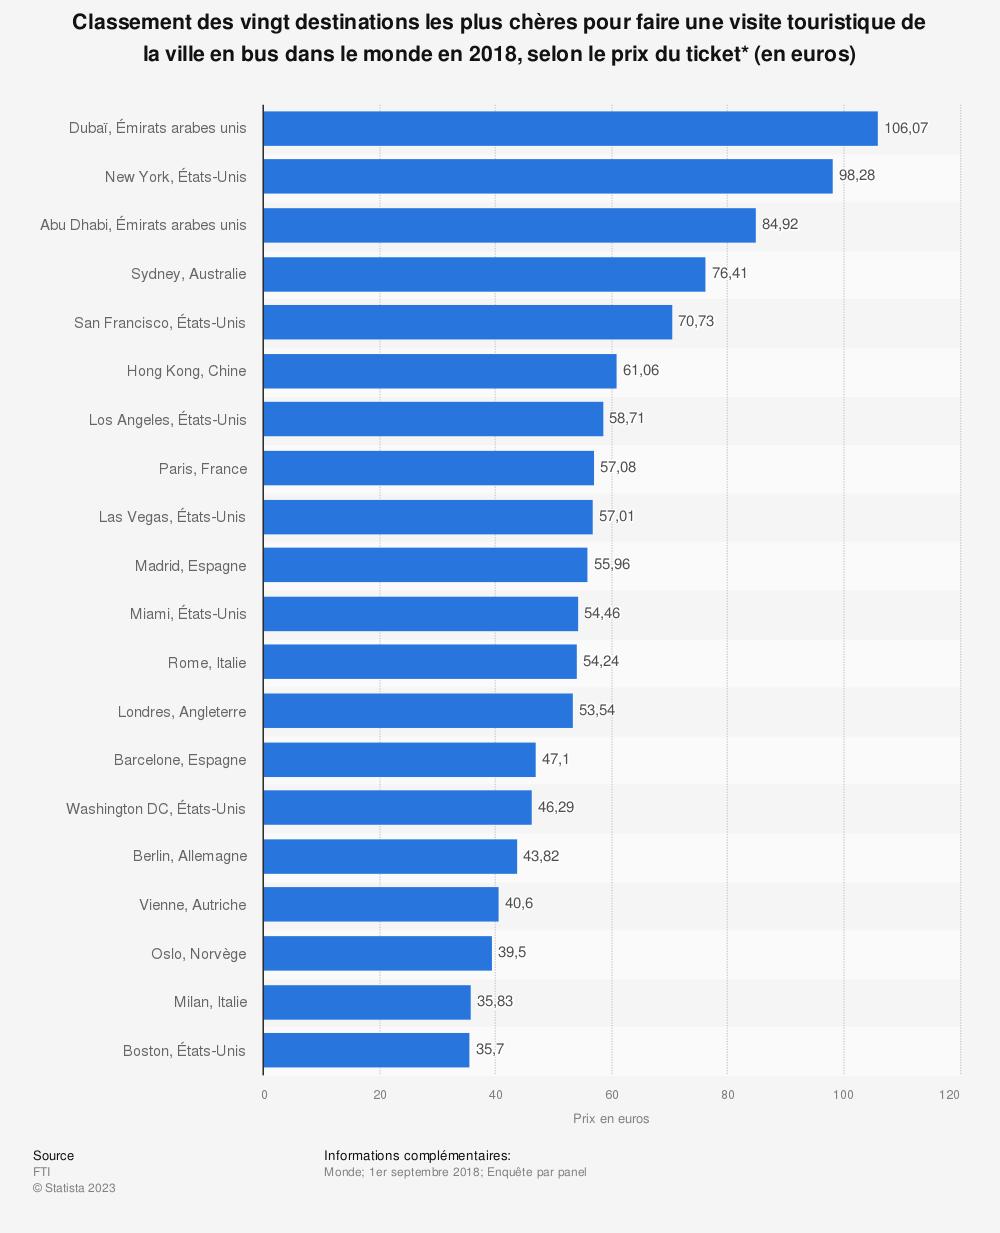 Statistique: Classement des vingt destinations les plus chères pour faire une visite touristique de la ville en bus dans le monde en 2018, selon le prix du ticket* (en euros) | Statista